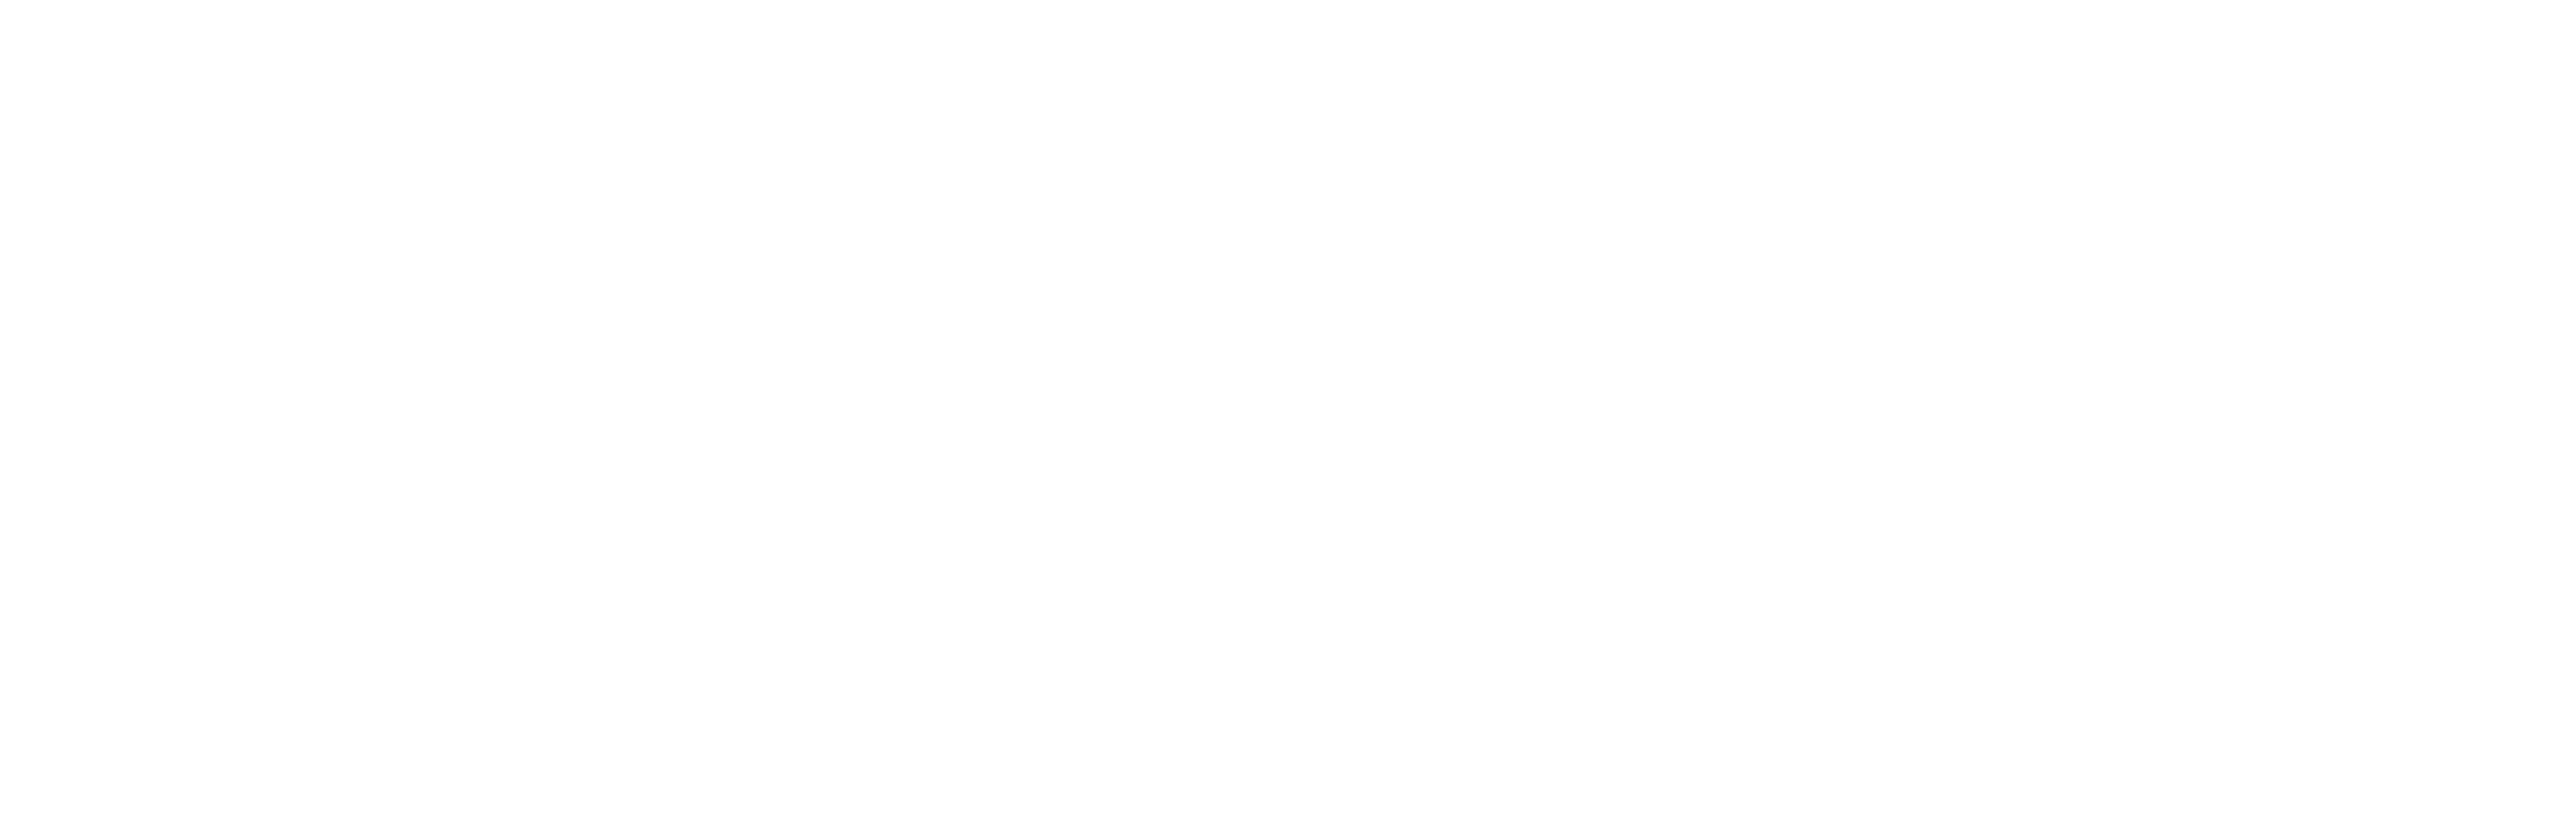 lawbird-logo